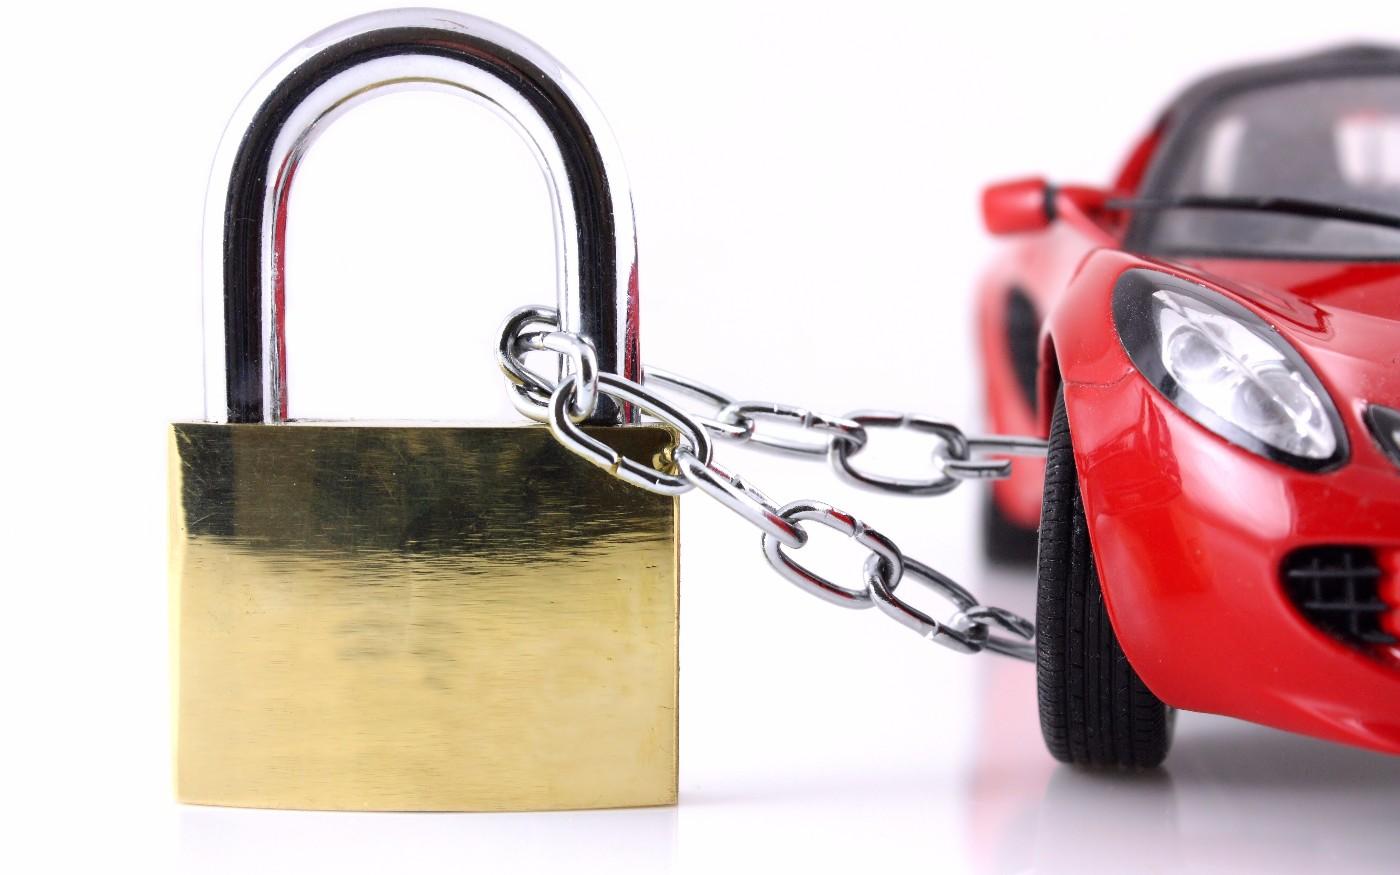 Как можно проверить автомобиль на арест у судебных приставов по гос номеру{q}